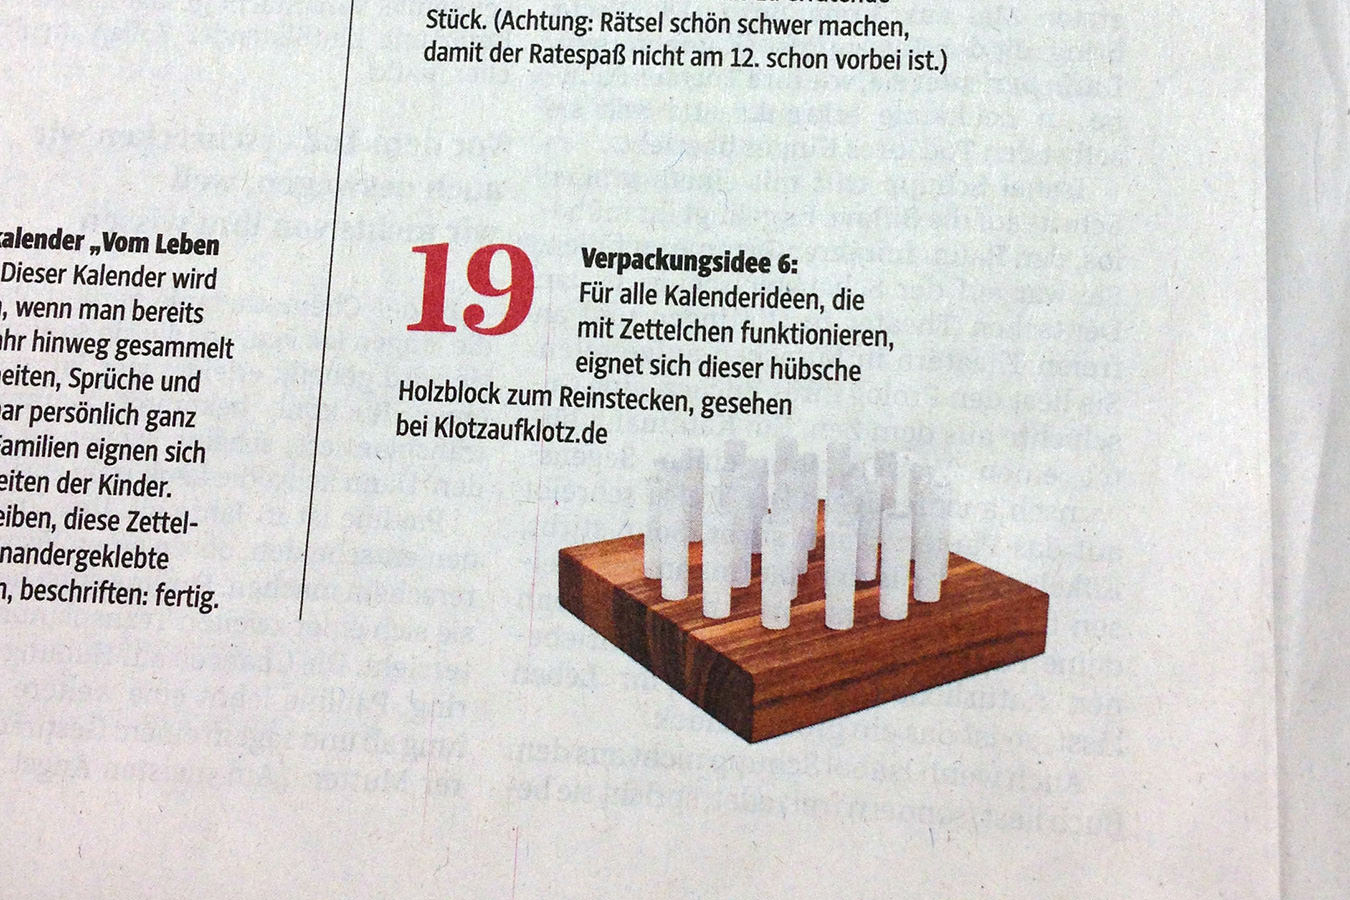 klotzaufklotz in der Süddeutschen Zeitung